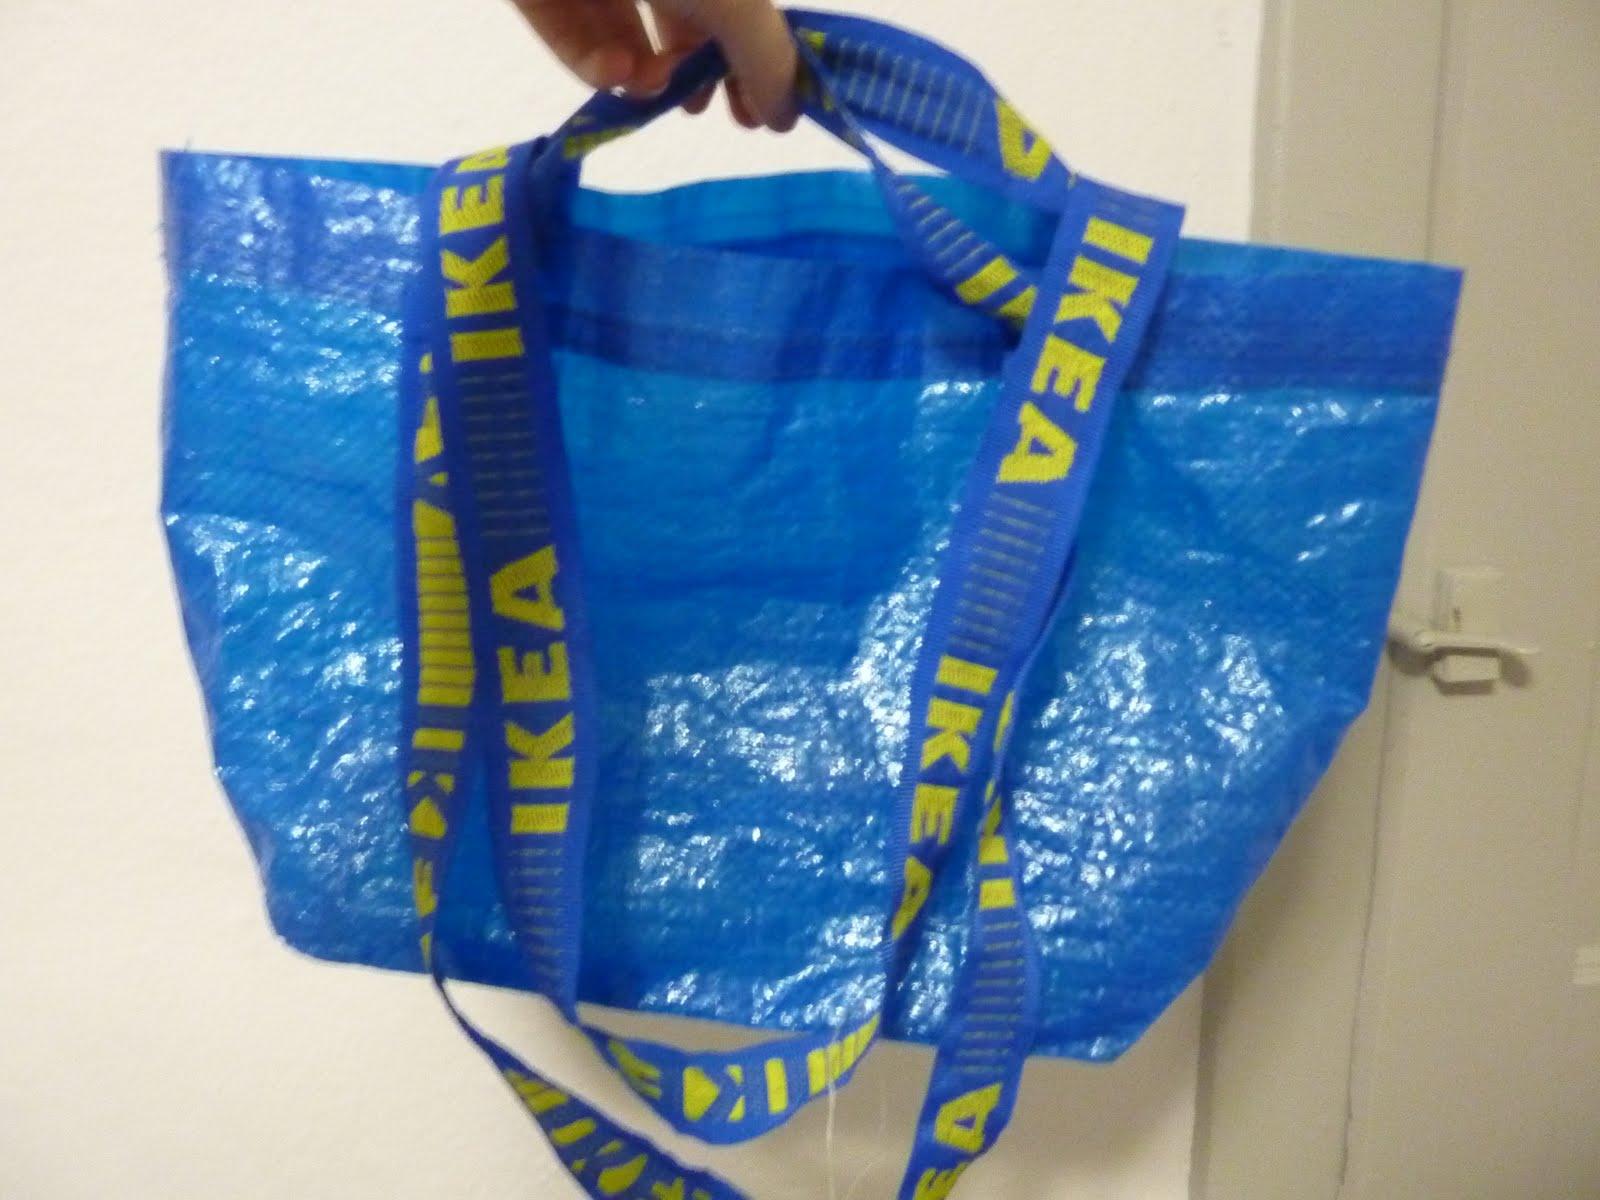 Ikea Borse Ufficio : Filo rosa aggrovigliato: tutorial: la borsa per il tupperware del pranzo